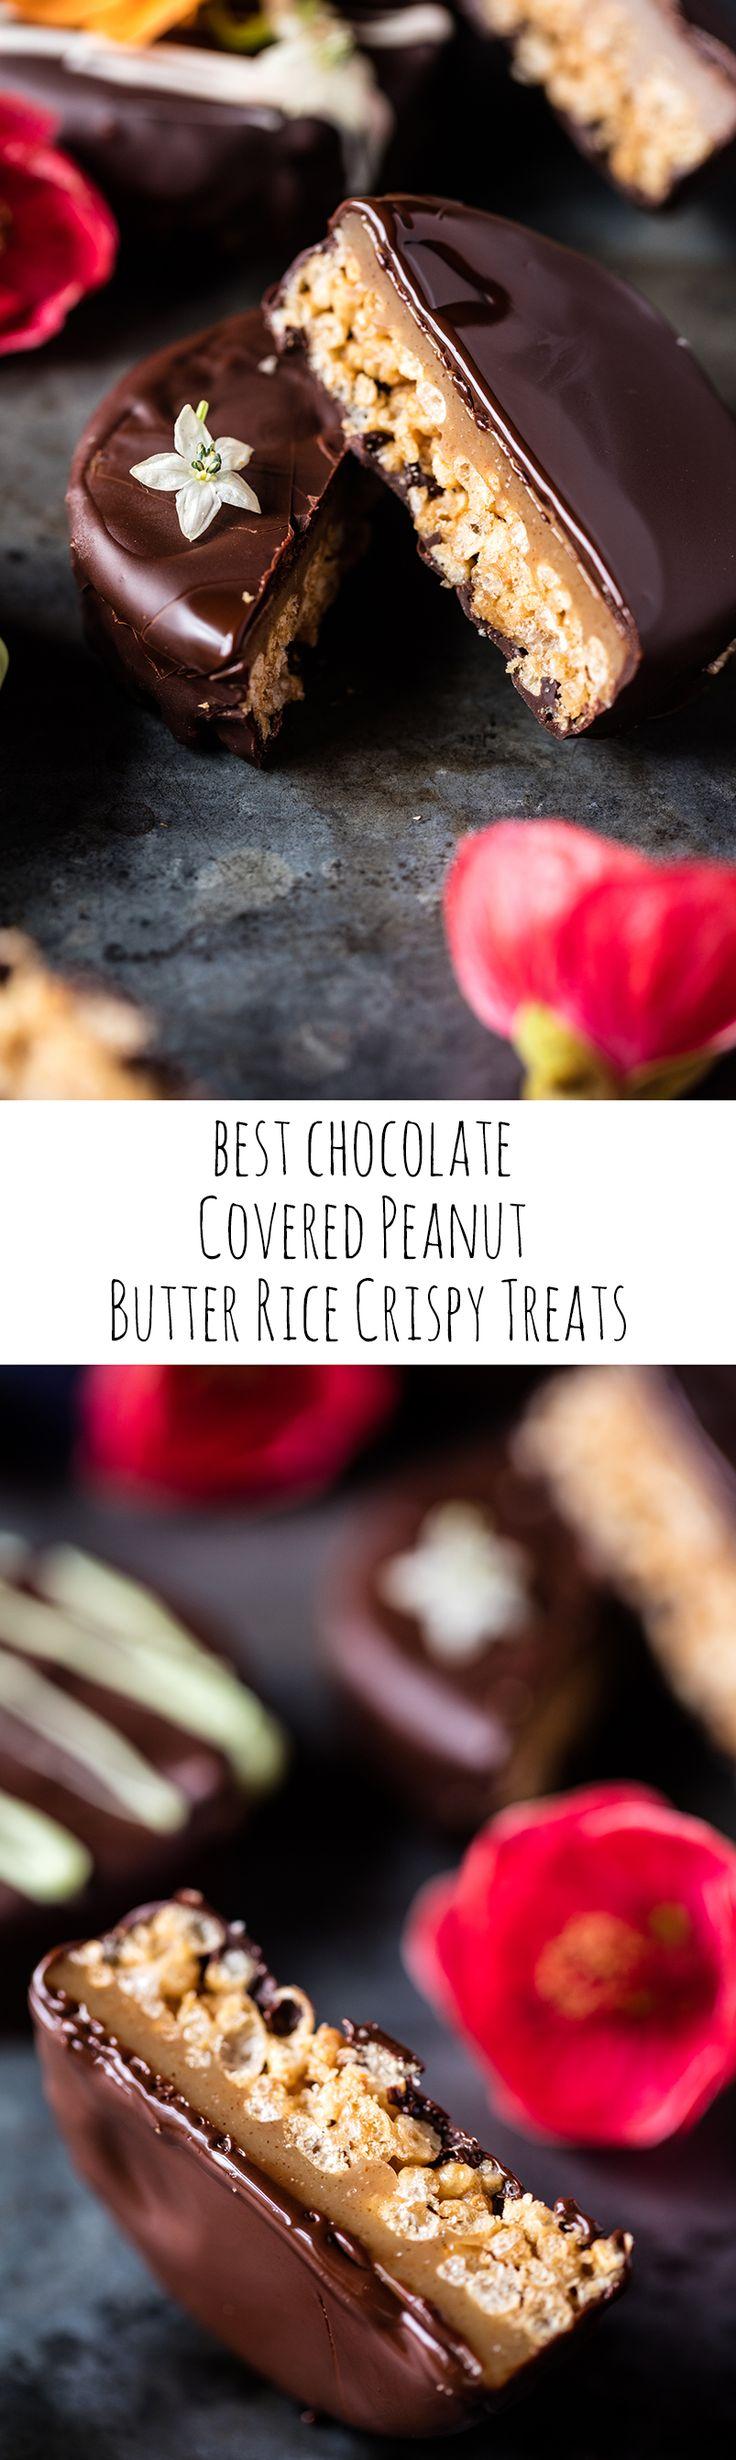 Best 25+ Chocolate covered peanuts ideas on Pinterest | Crockpot ...